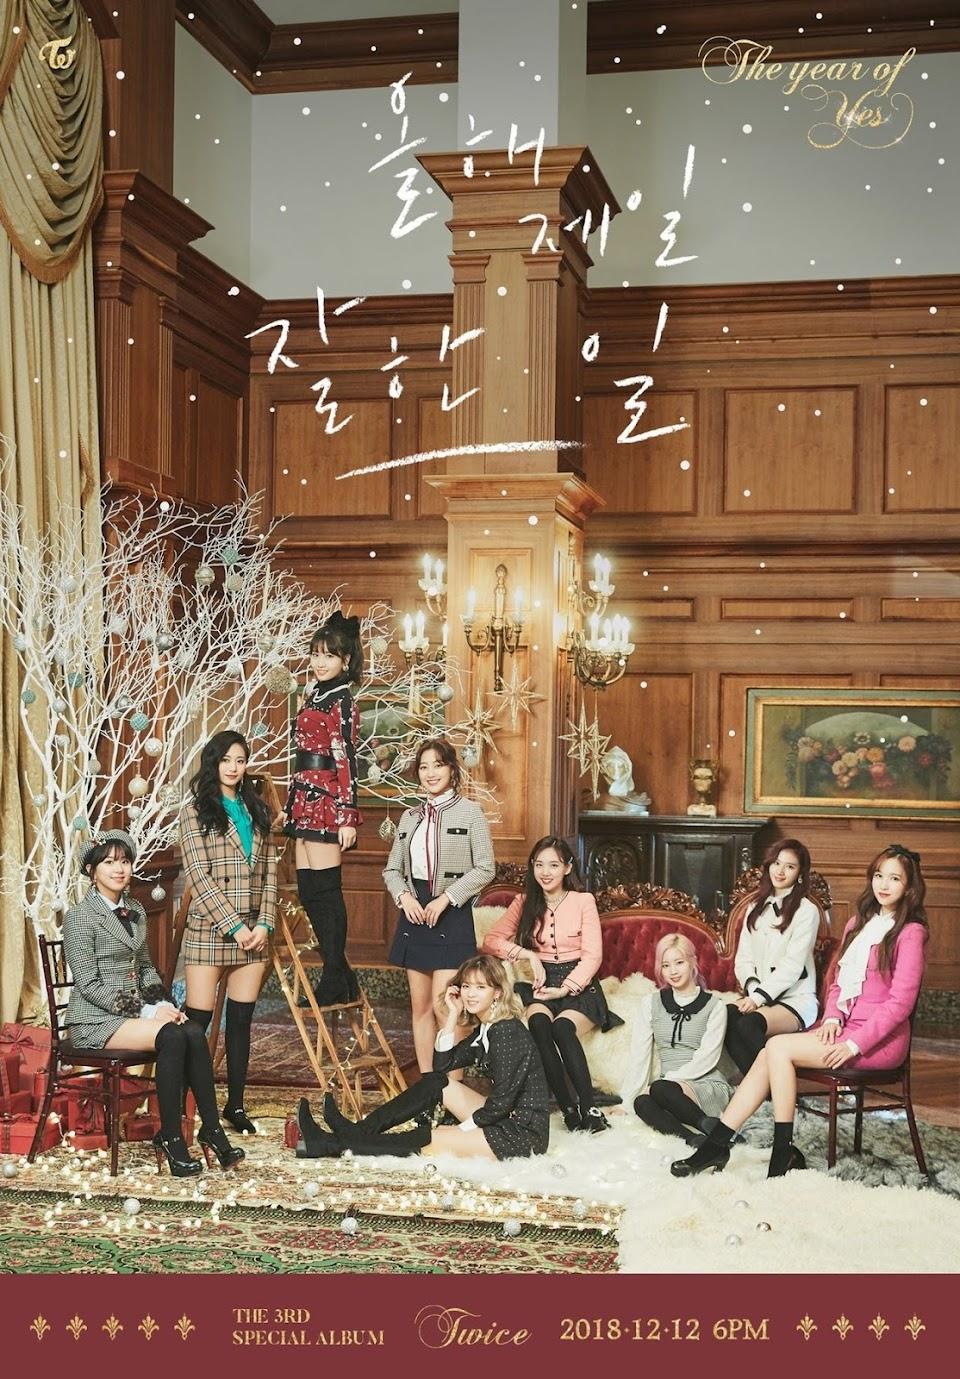 teaser2